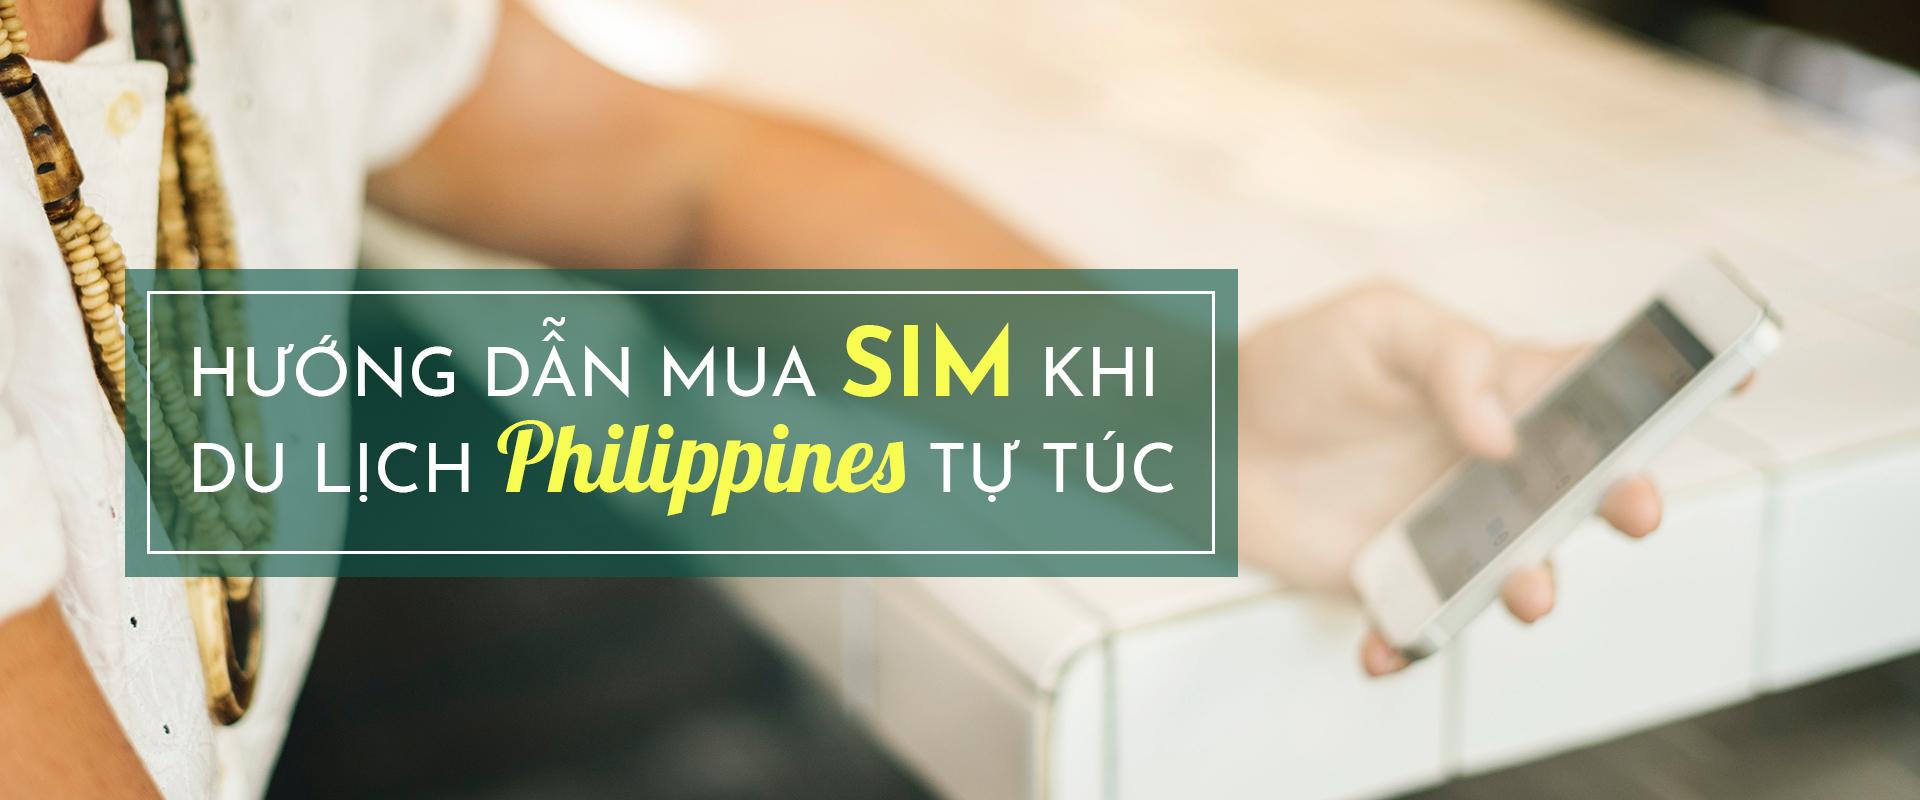 Hướng dẫn mua SIM khi du lịch Philippines